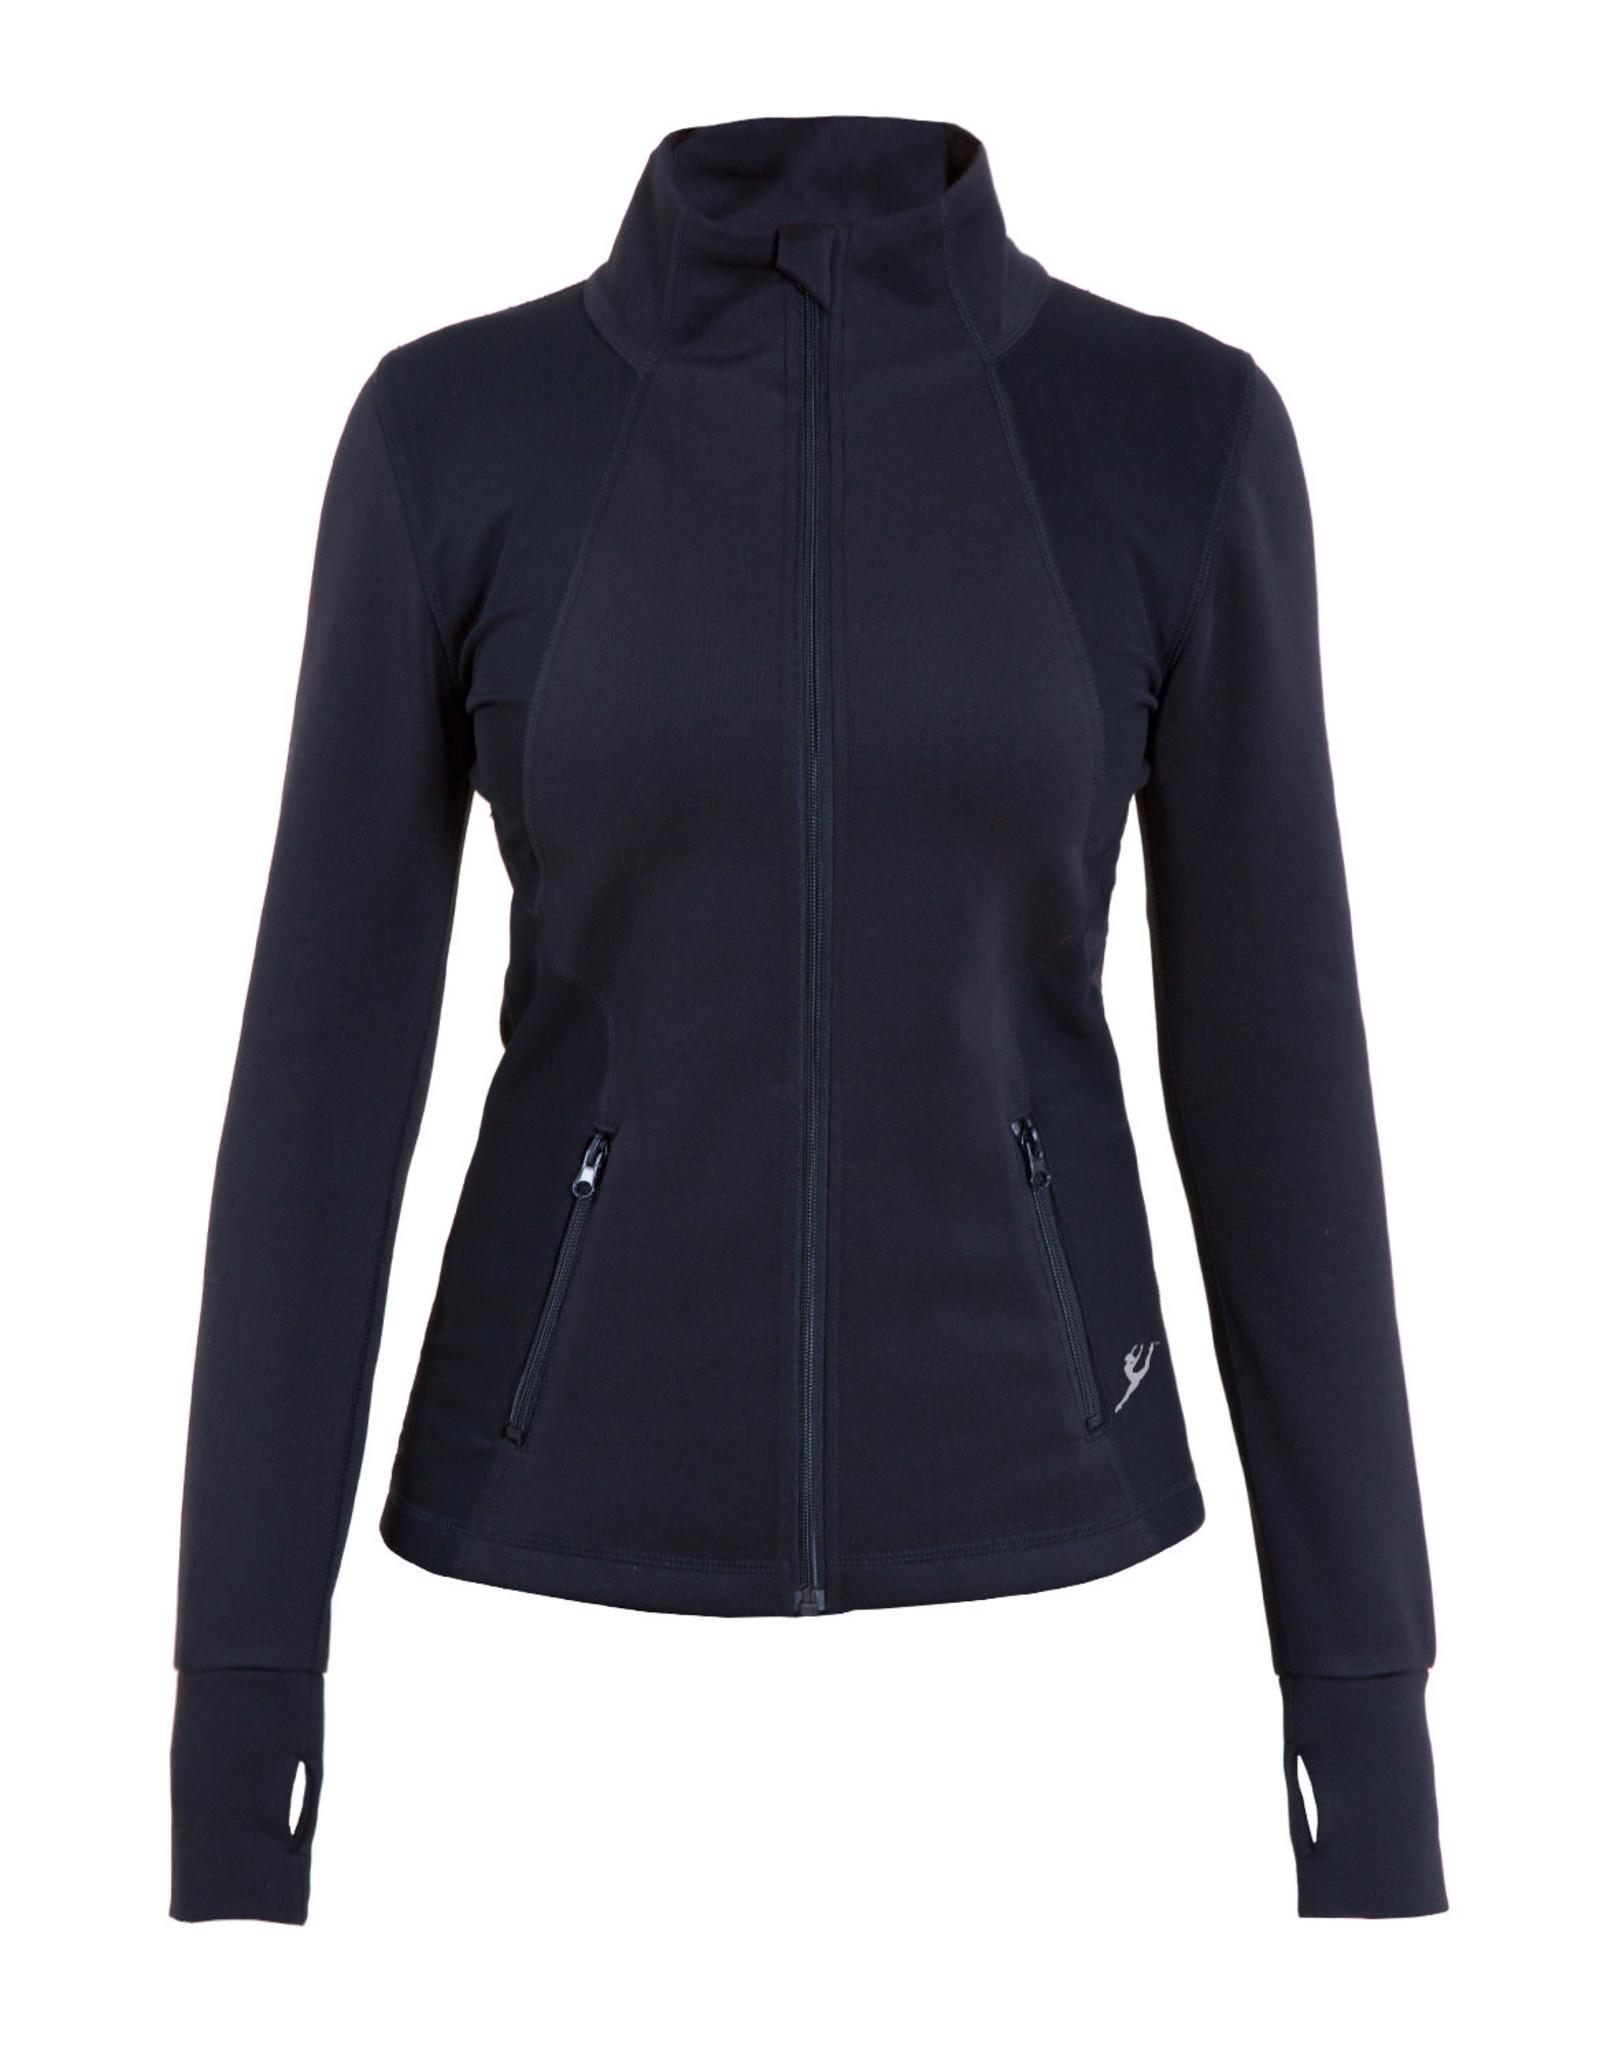 Energetiks Lara Endurance Jacket